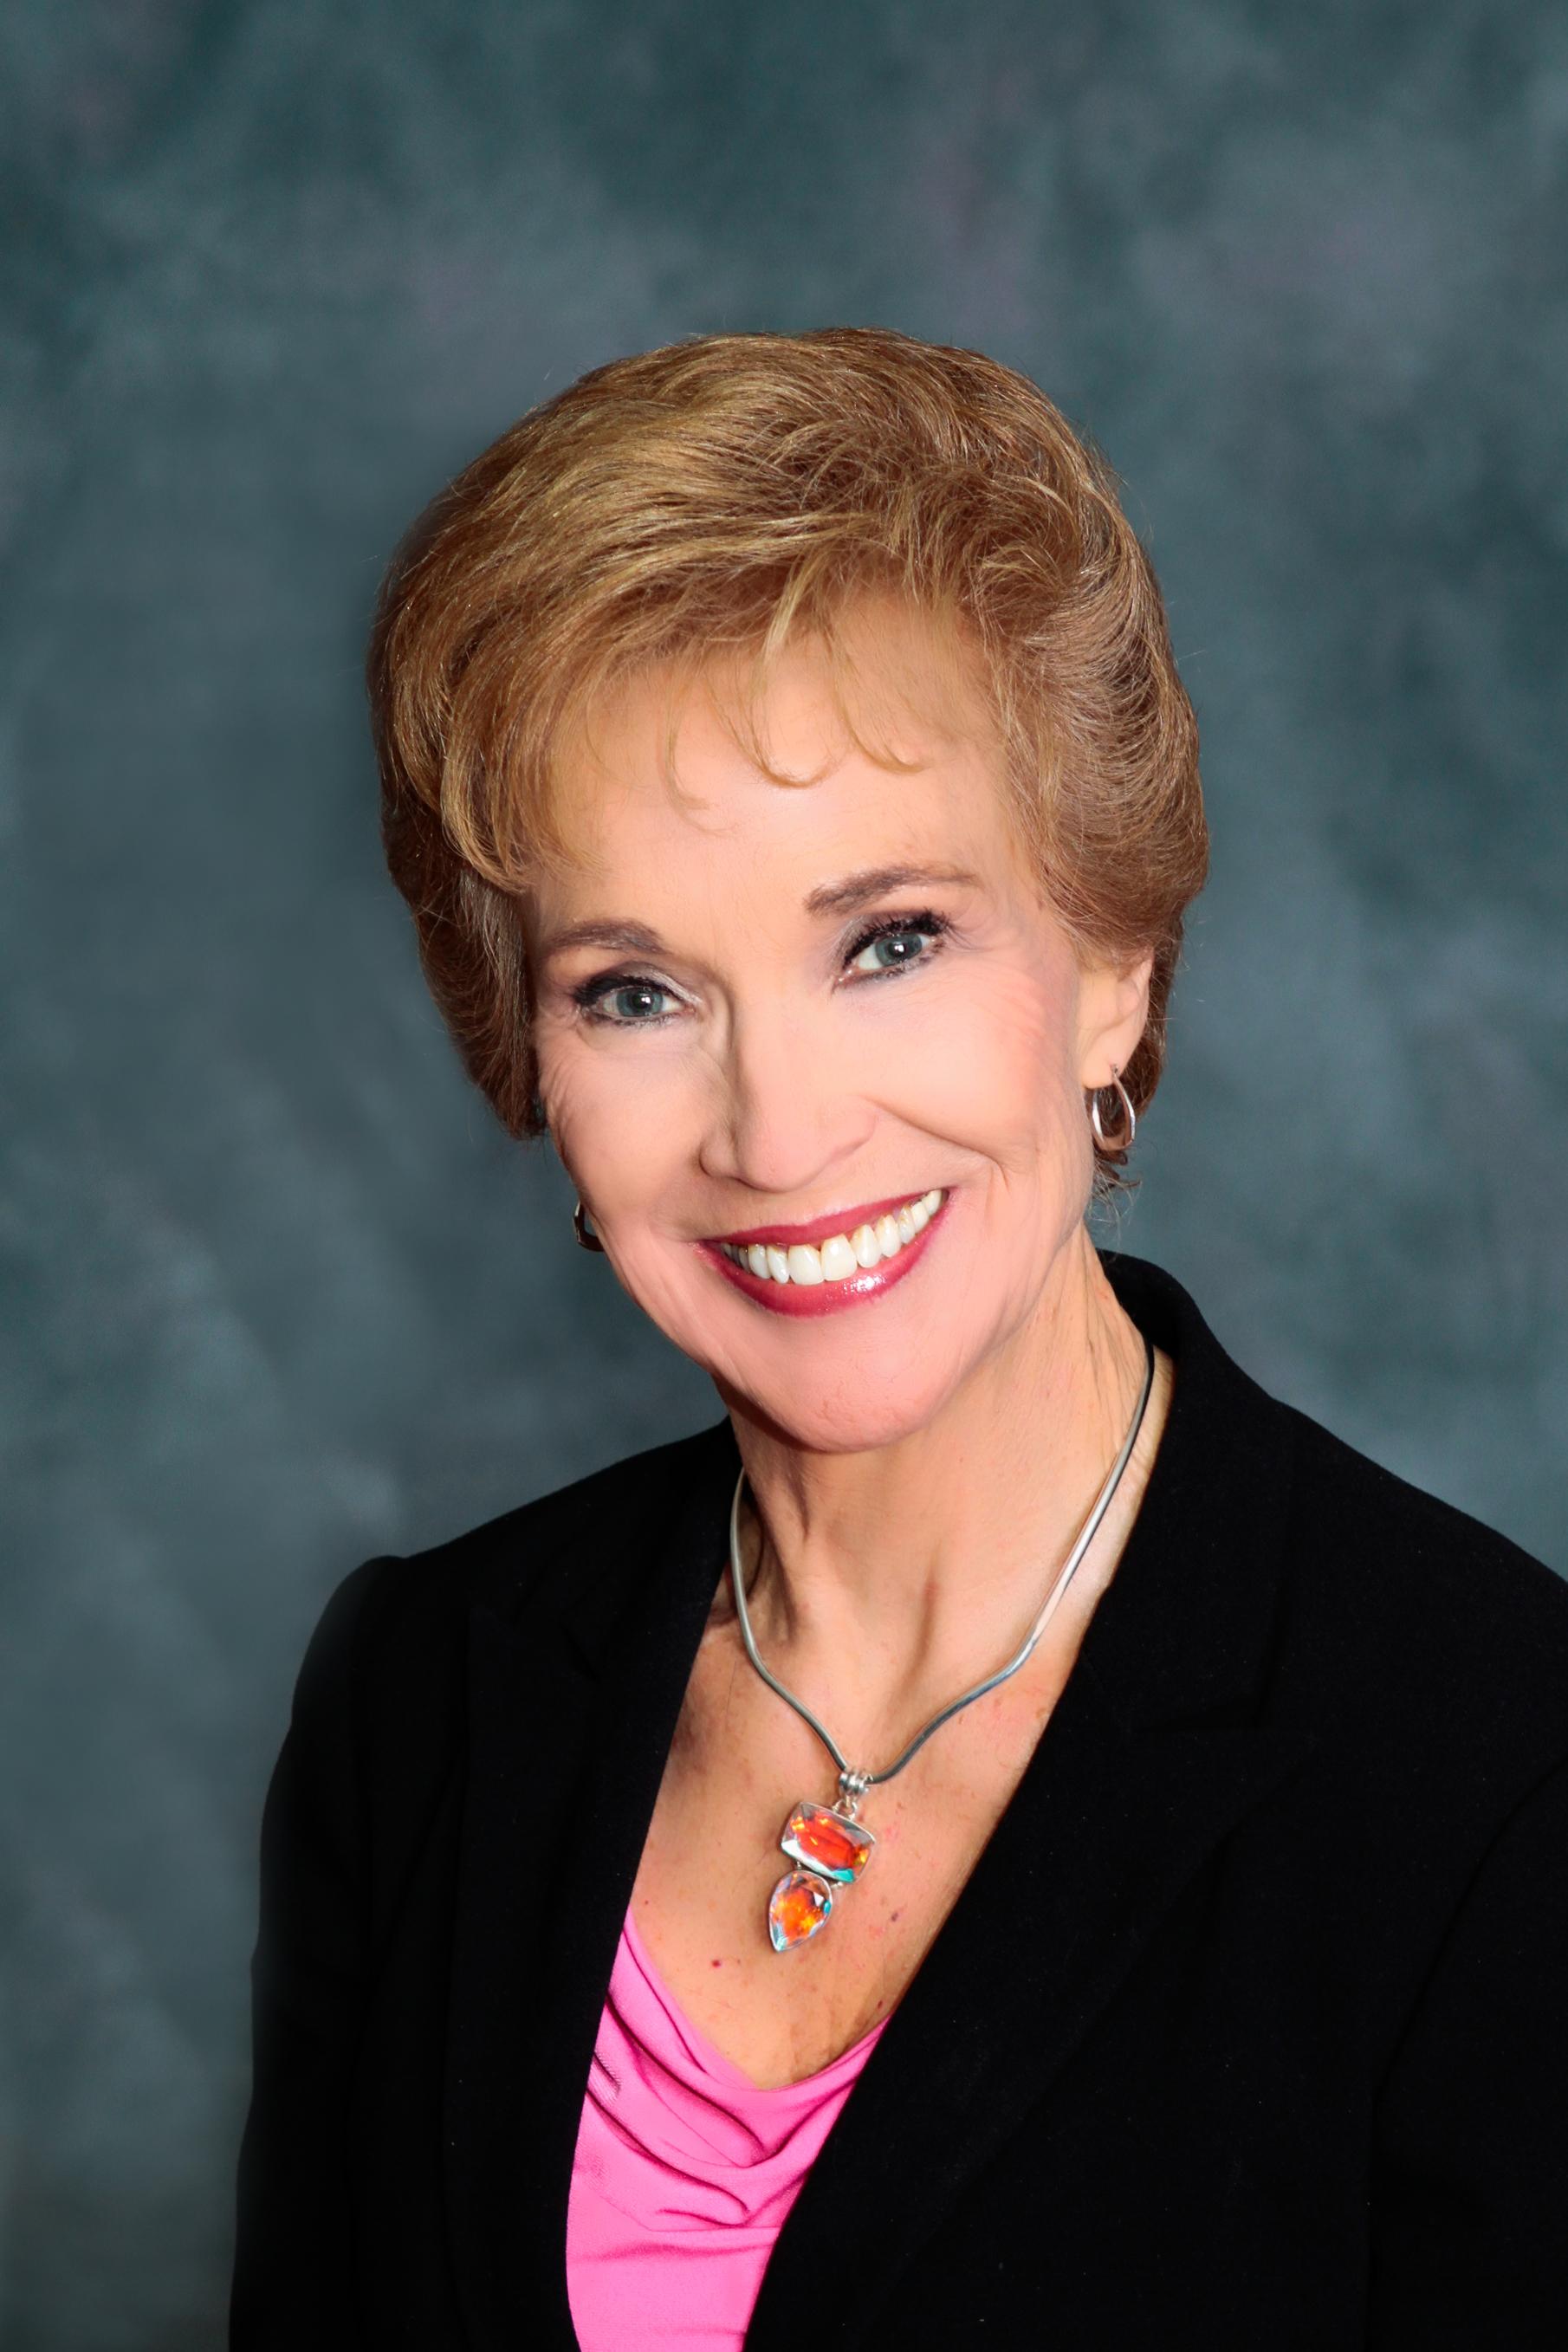 Patricia Cota Robles